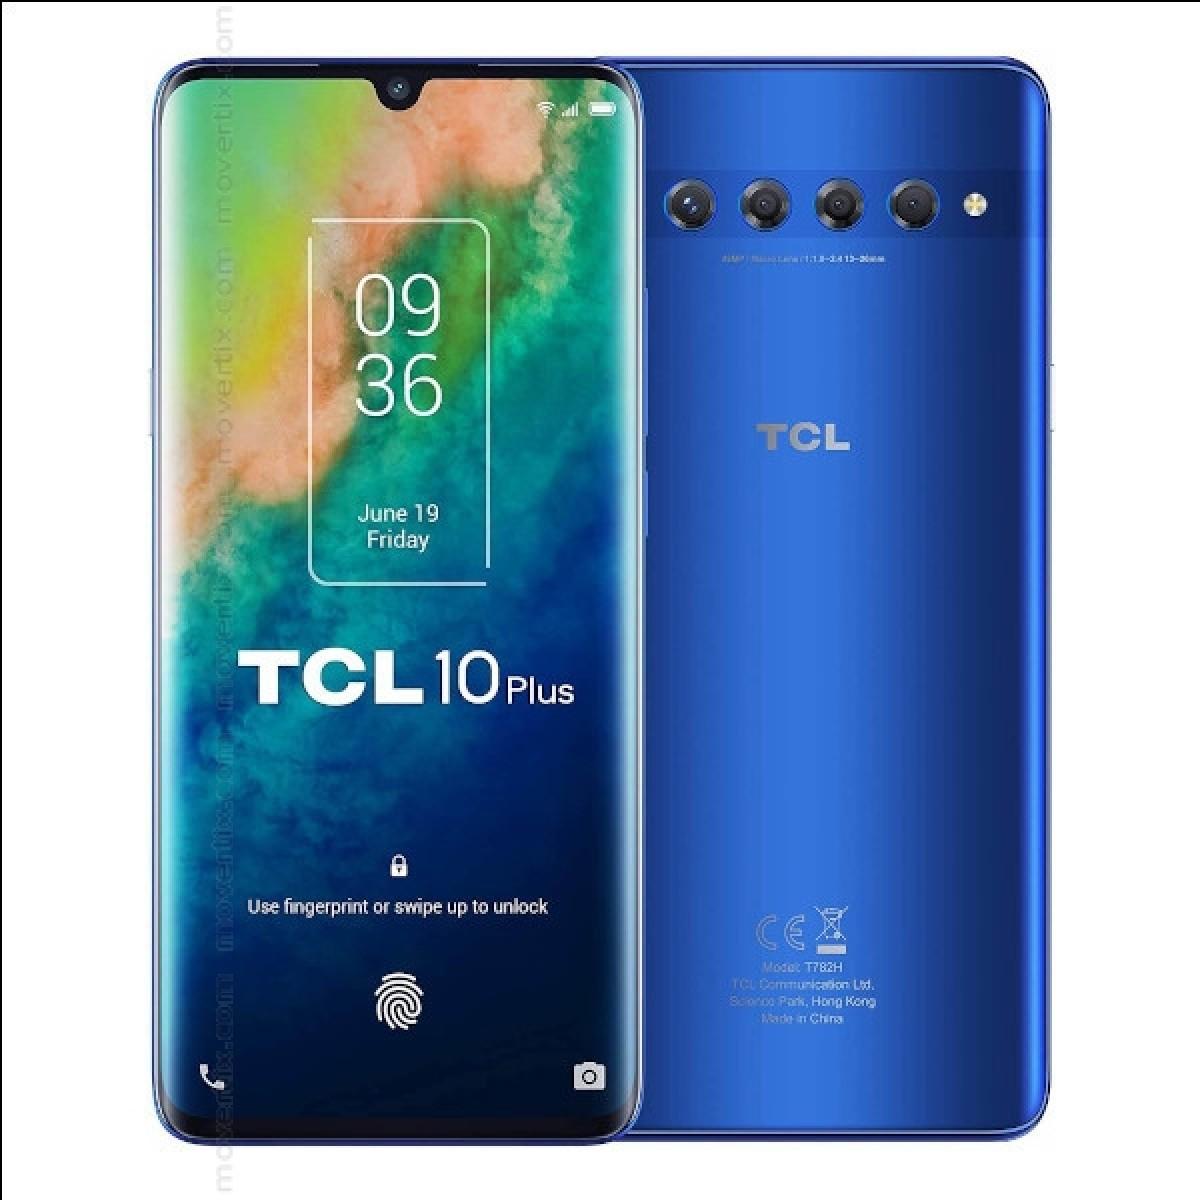 Offerta TCL 10 PLUS su TrovaUsati.it